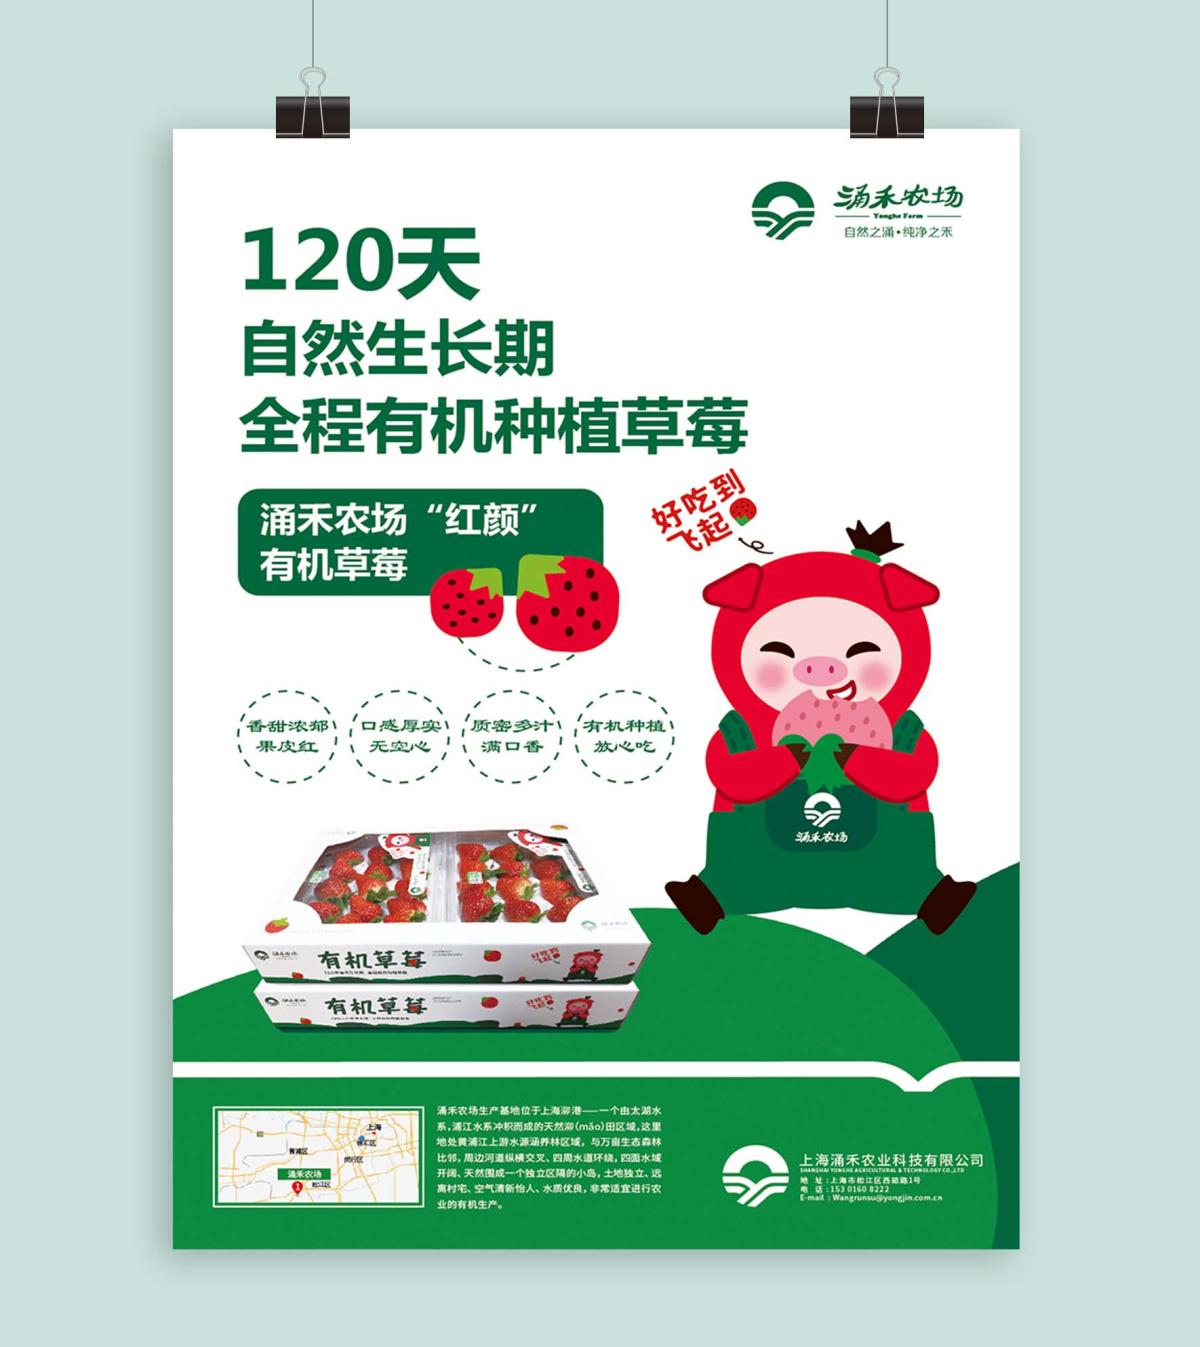 涌禾农场有机草莓海报设计